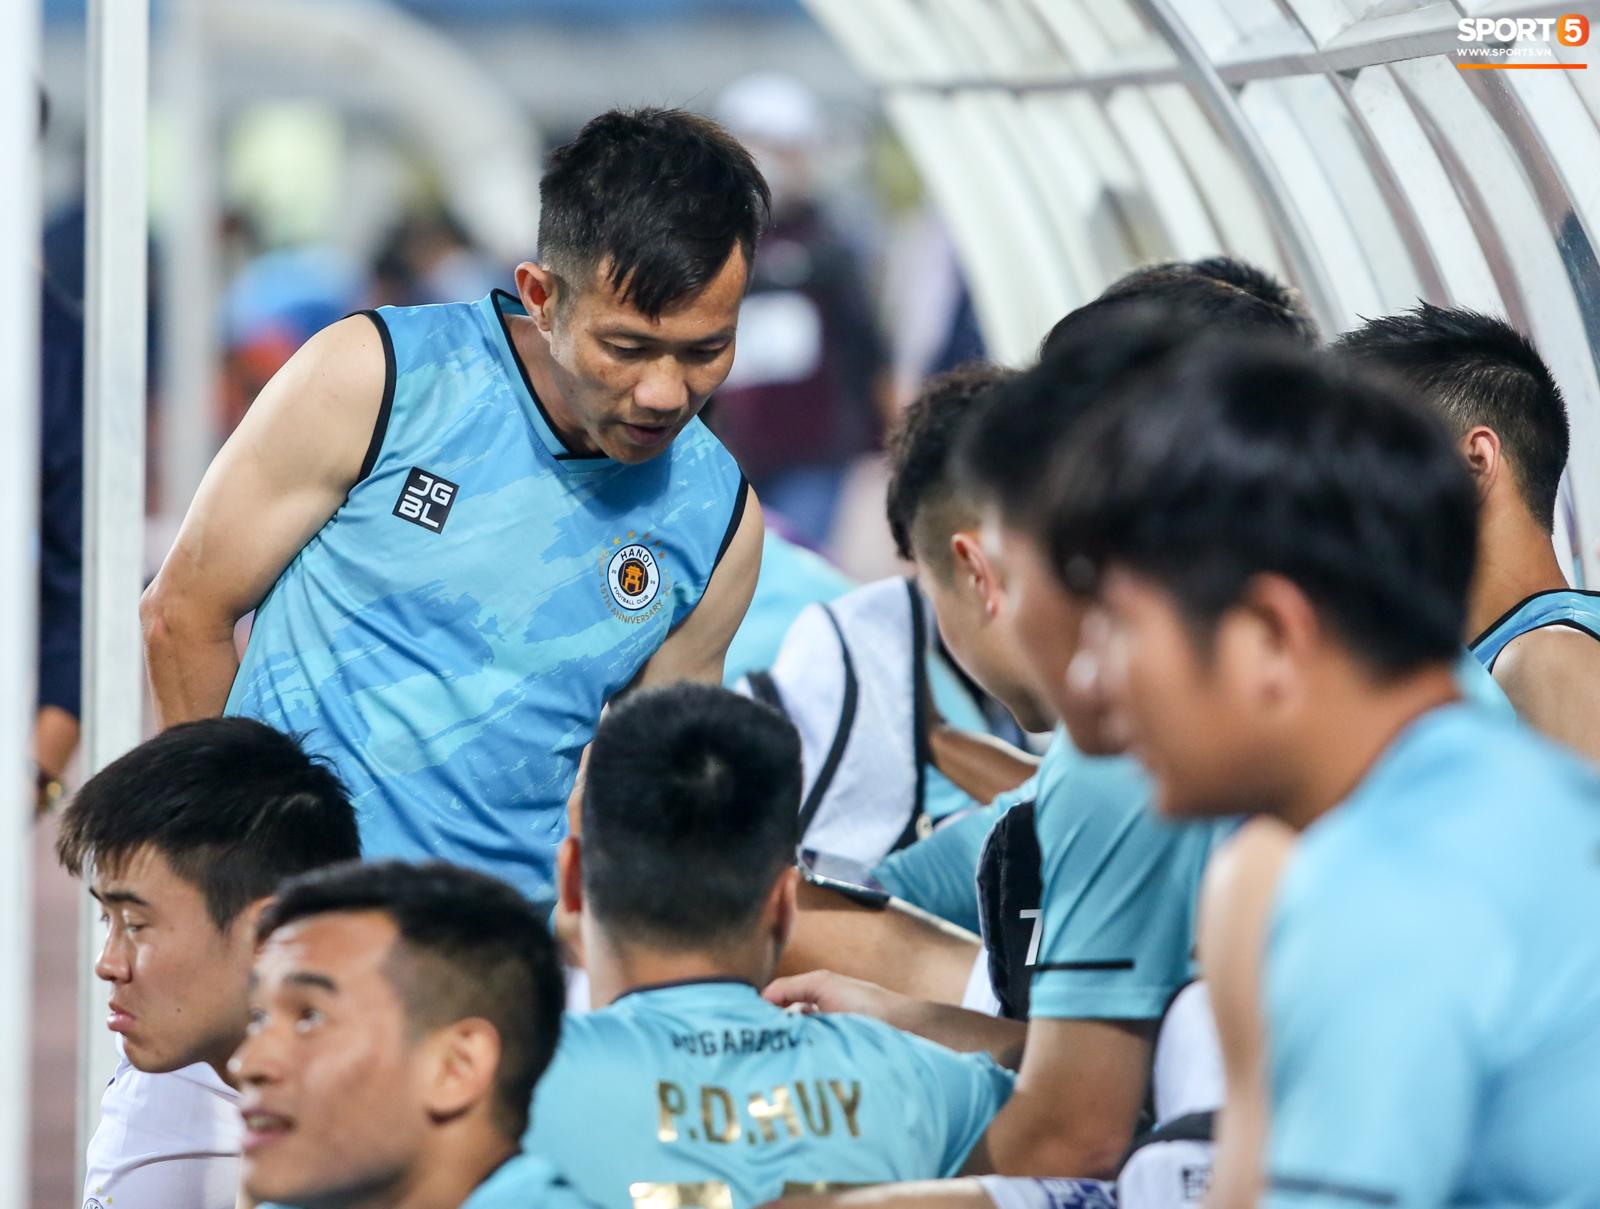 Cầu thủ Hà Nội FC xem HAGL thi đấu qua điện thoại, thất vọng khi Công Phượng ghi bàn - ảnh 7